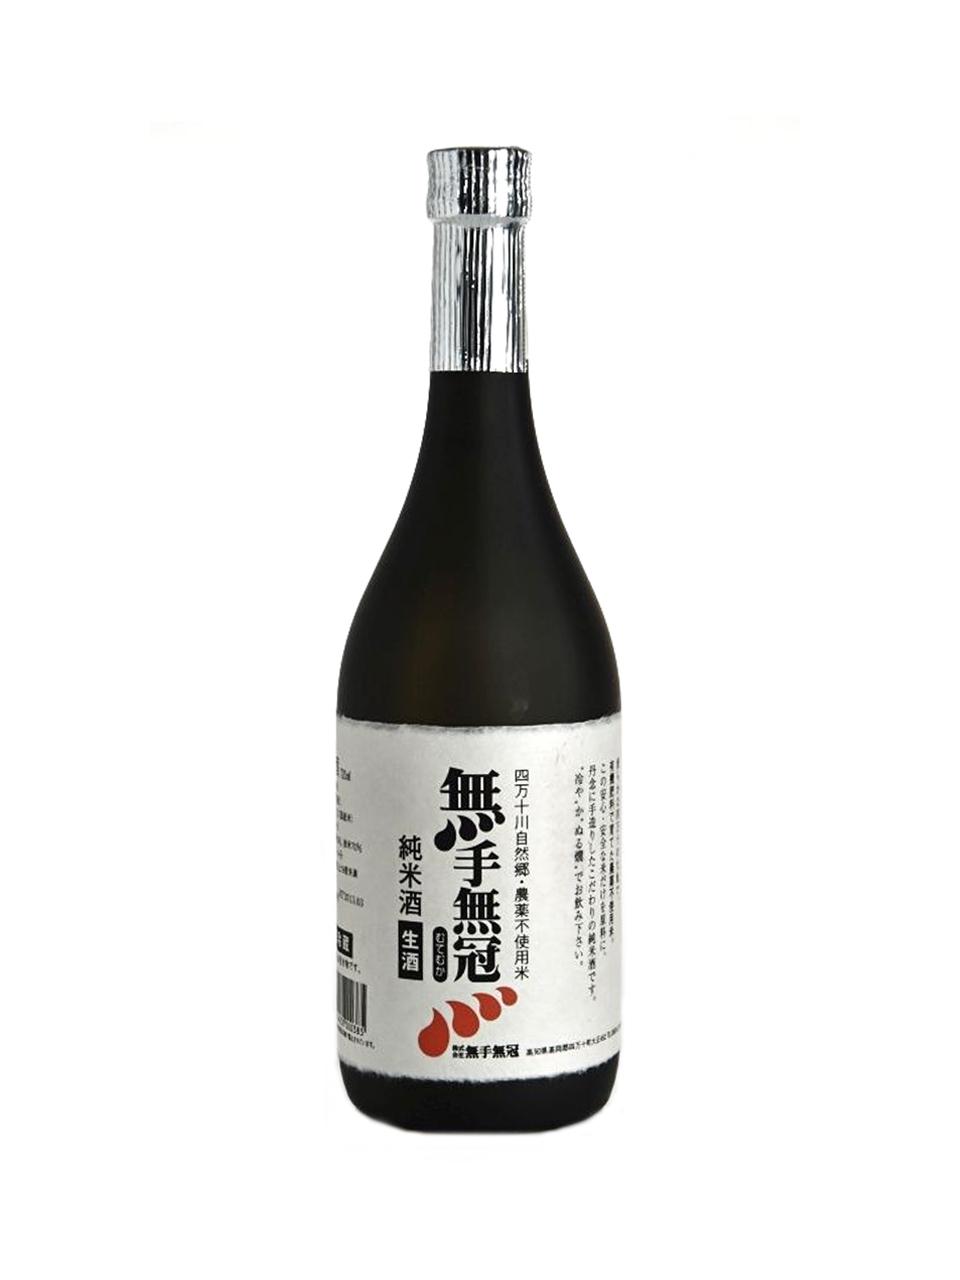 Mutemuka - Mutemuka Shuzō